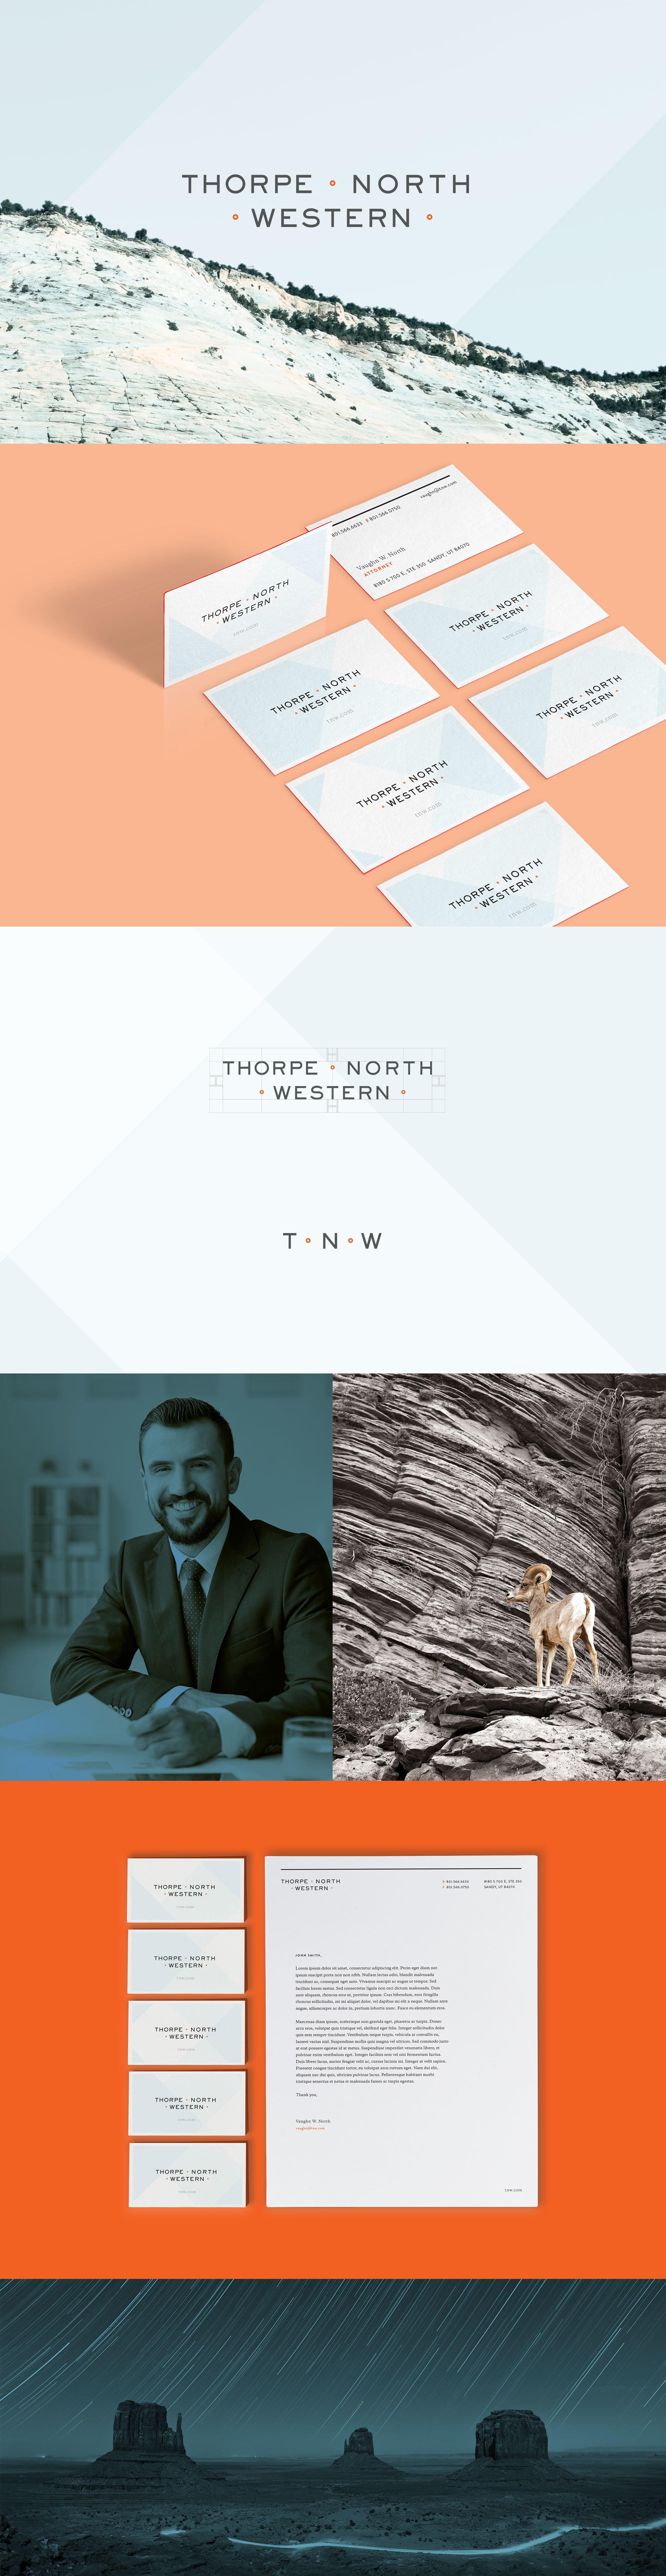 TNW Brand Identity